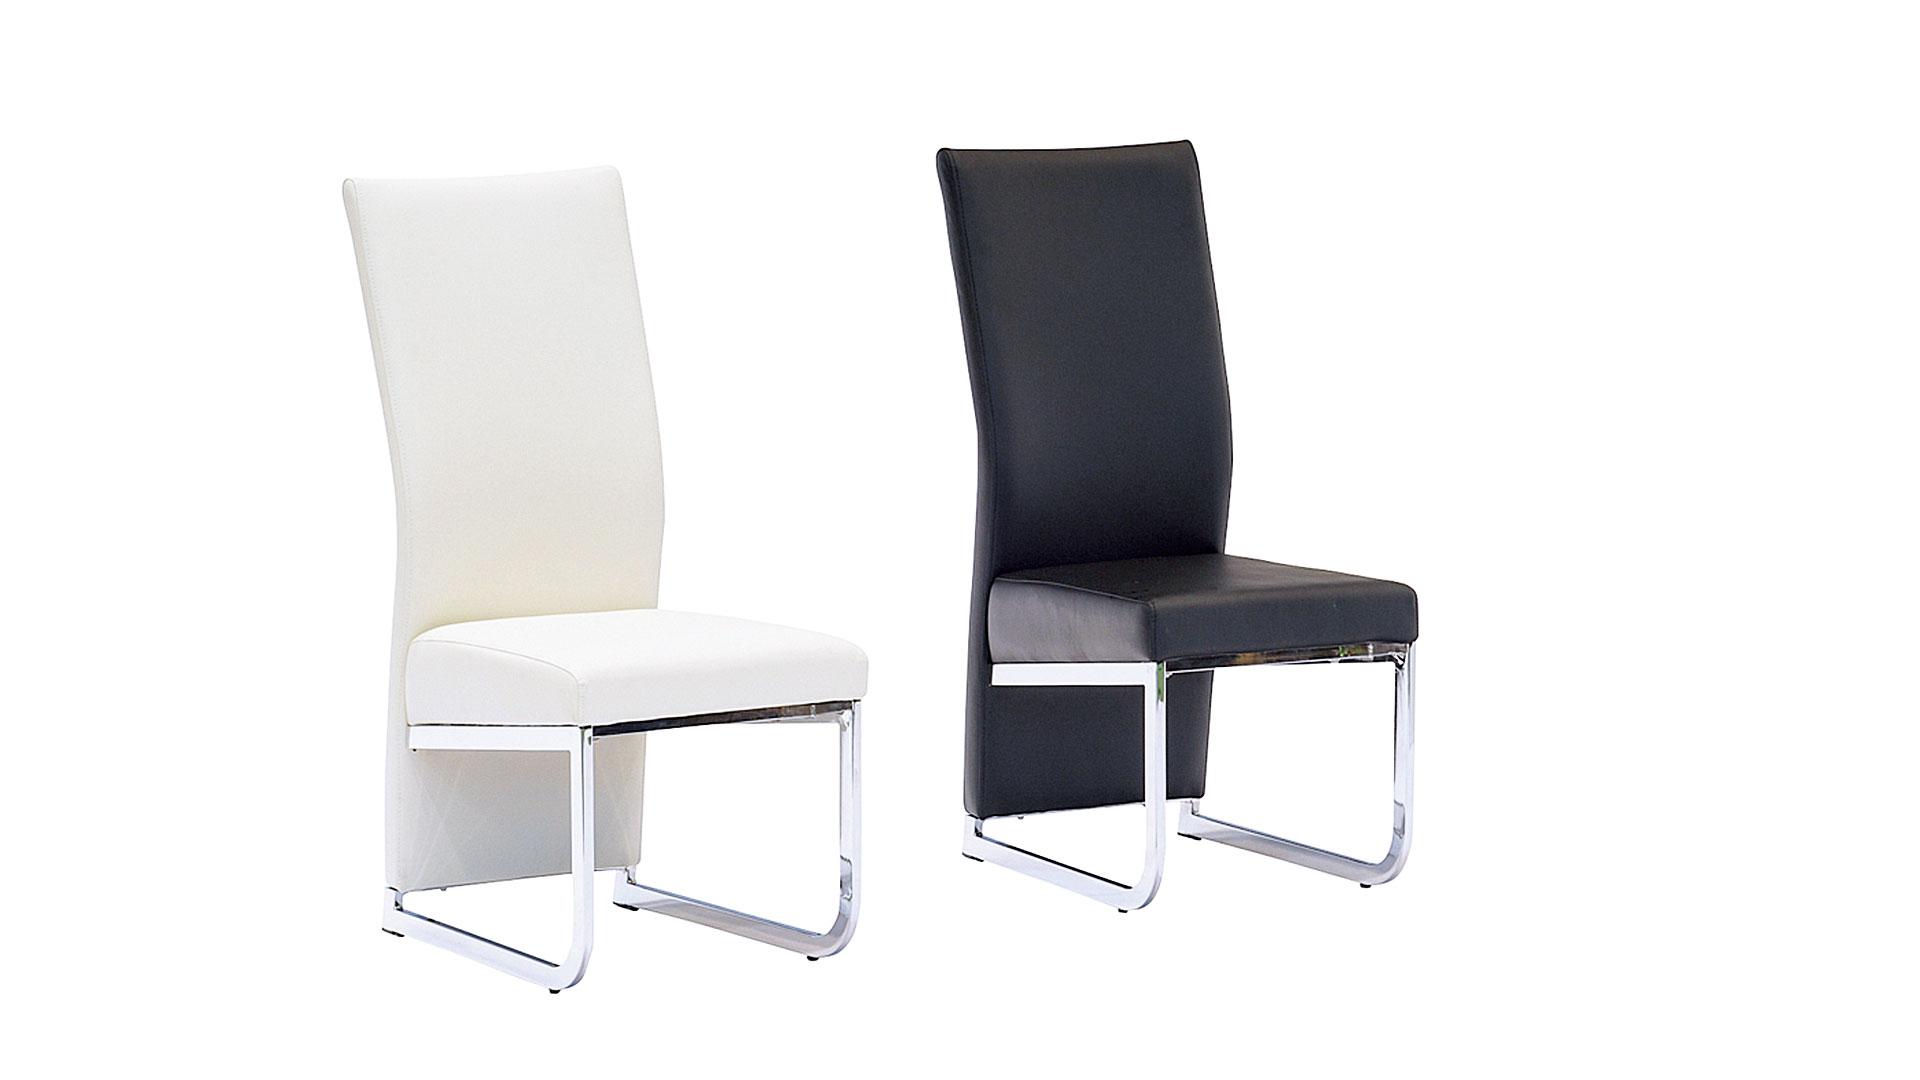 リビンズのダイニングセット「セレナの椅子2脚の画像